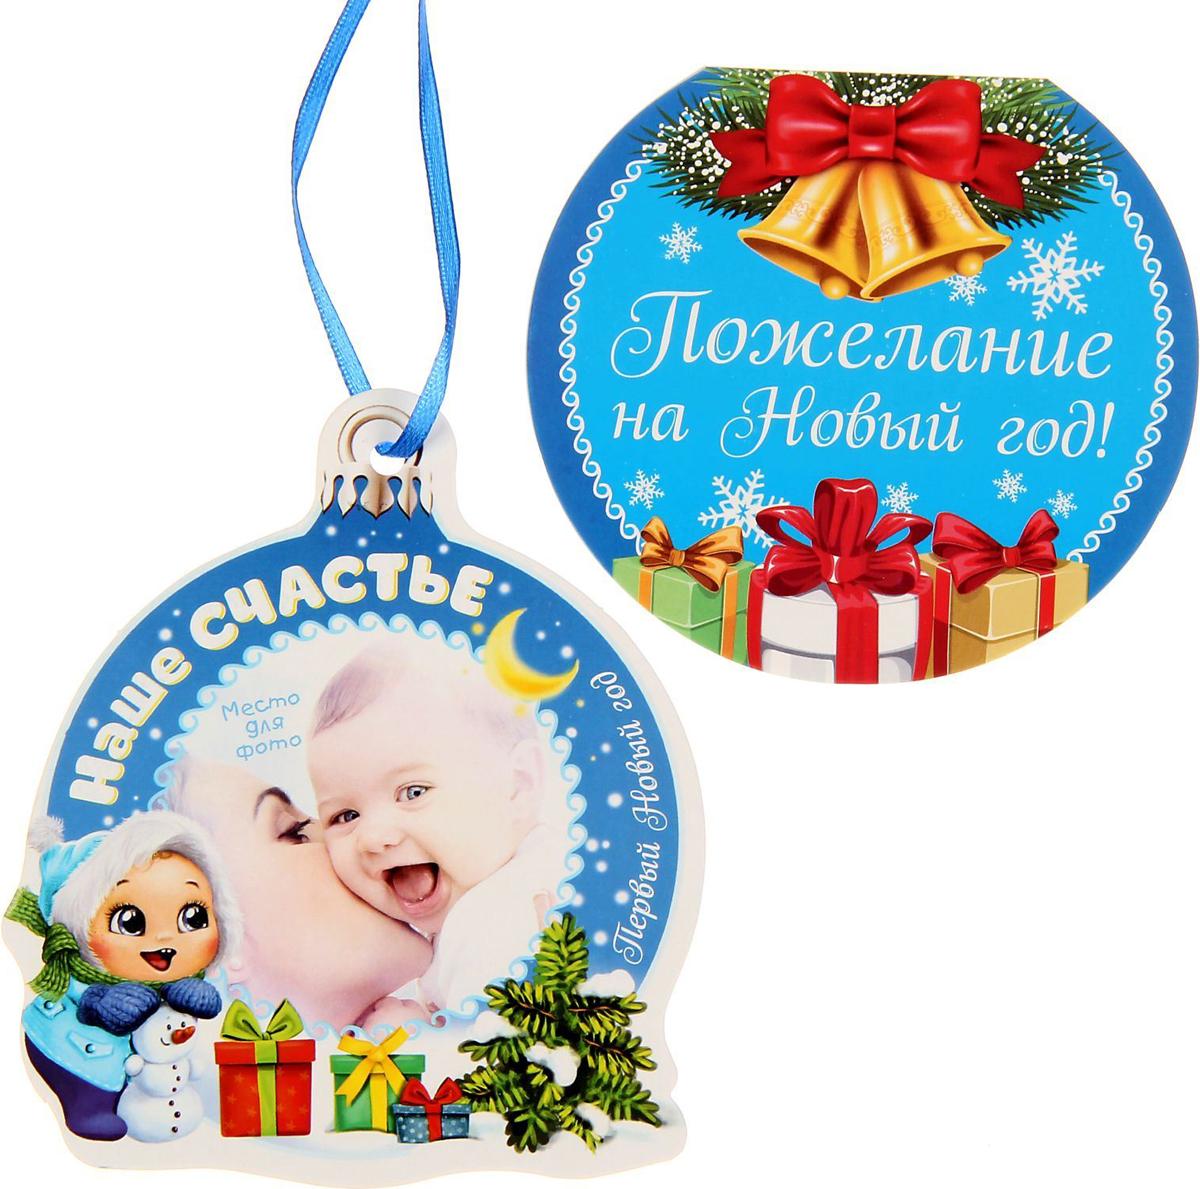 Новогоднее подвесное украшение Sima-land Первый Новый год. Наше счастье, с местом для фото и открыткой1354061Новогоднее украшение Sima-land отлично подойдет для декорации вашего дома и новогодней ели.Елочная игрушка - символ Нового года. Она несет в себе волшебство и красоту праздника. Такое украшение создаст в вашем доме атмосферу праздника, веселья и радости.